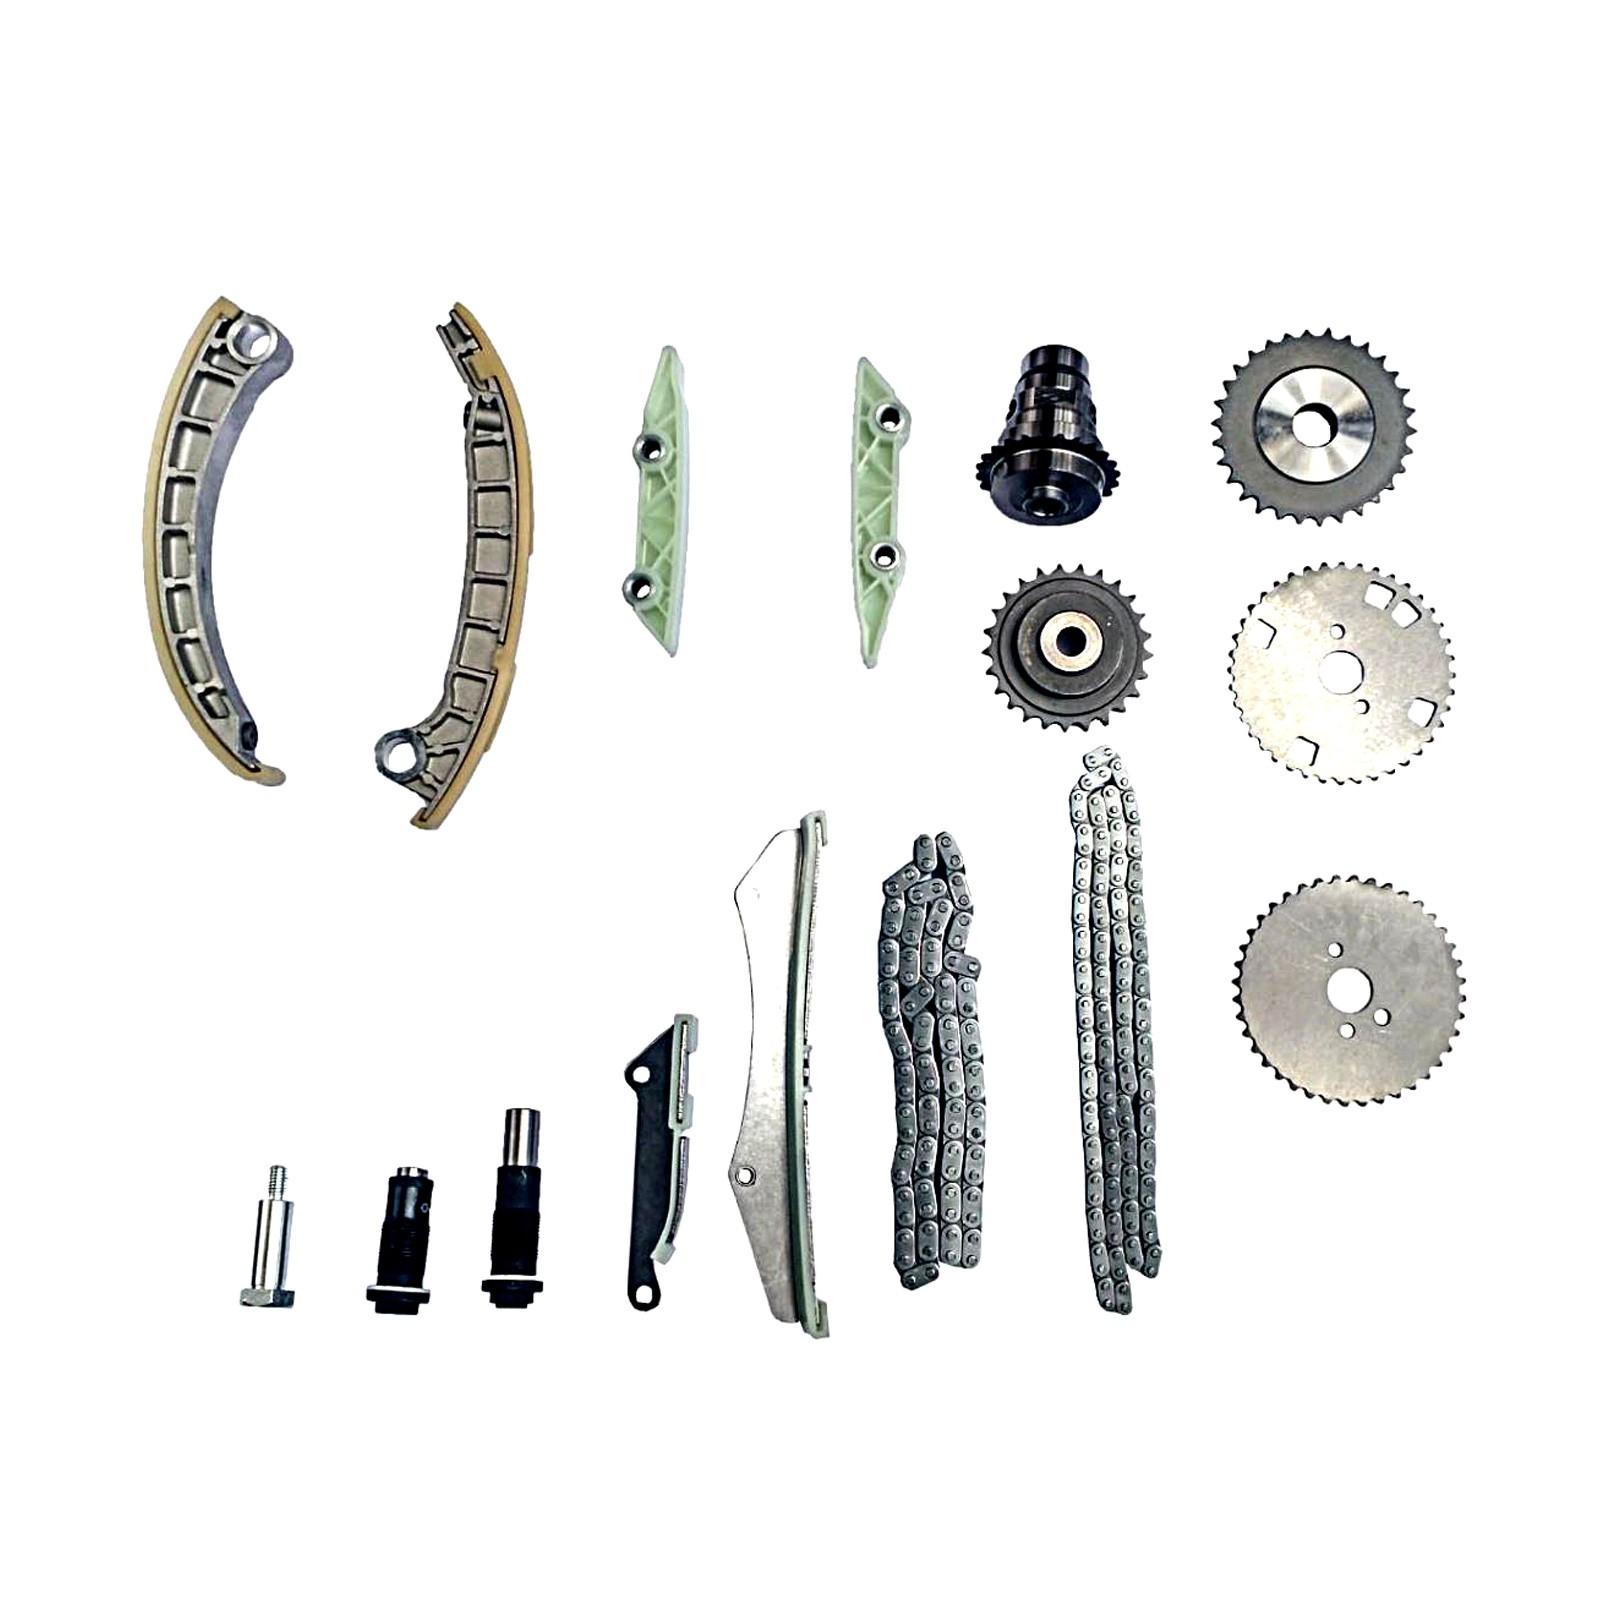 Kit Corrente Distribuição Completo Iveco Daily 35S14 / 45S17 /  55C17 / 70C17  Todas 3.0 16V Euro V